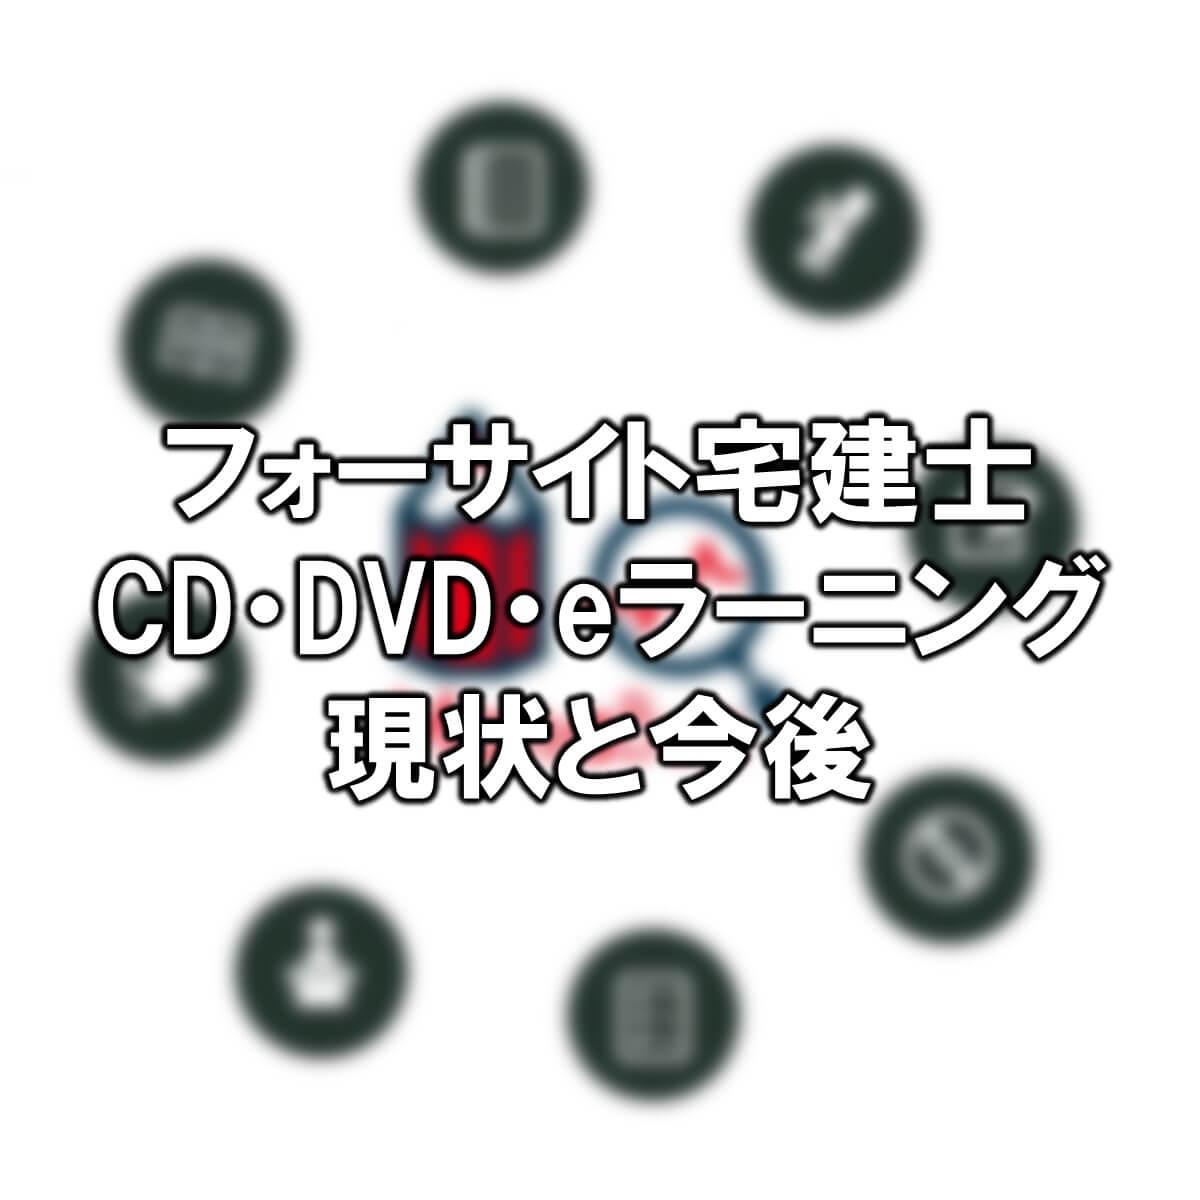 フォーサイト宅建士 CD・DVD・eラーニング 現状と今後